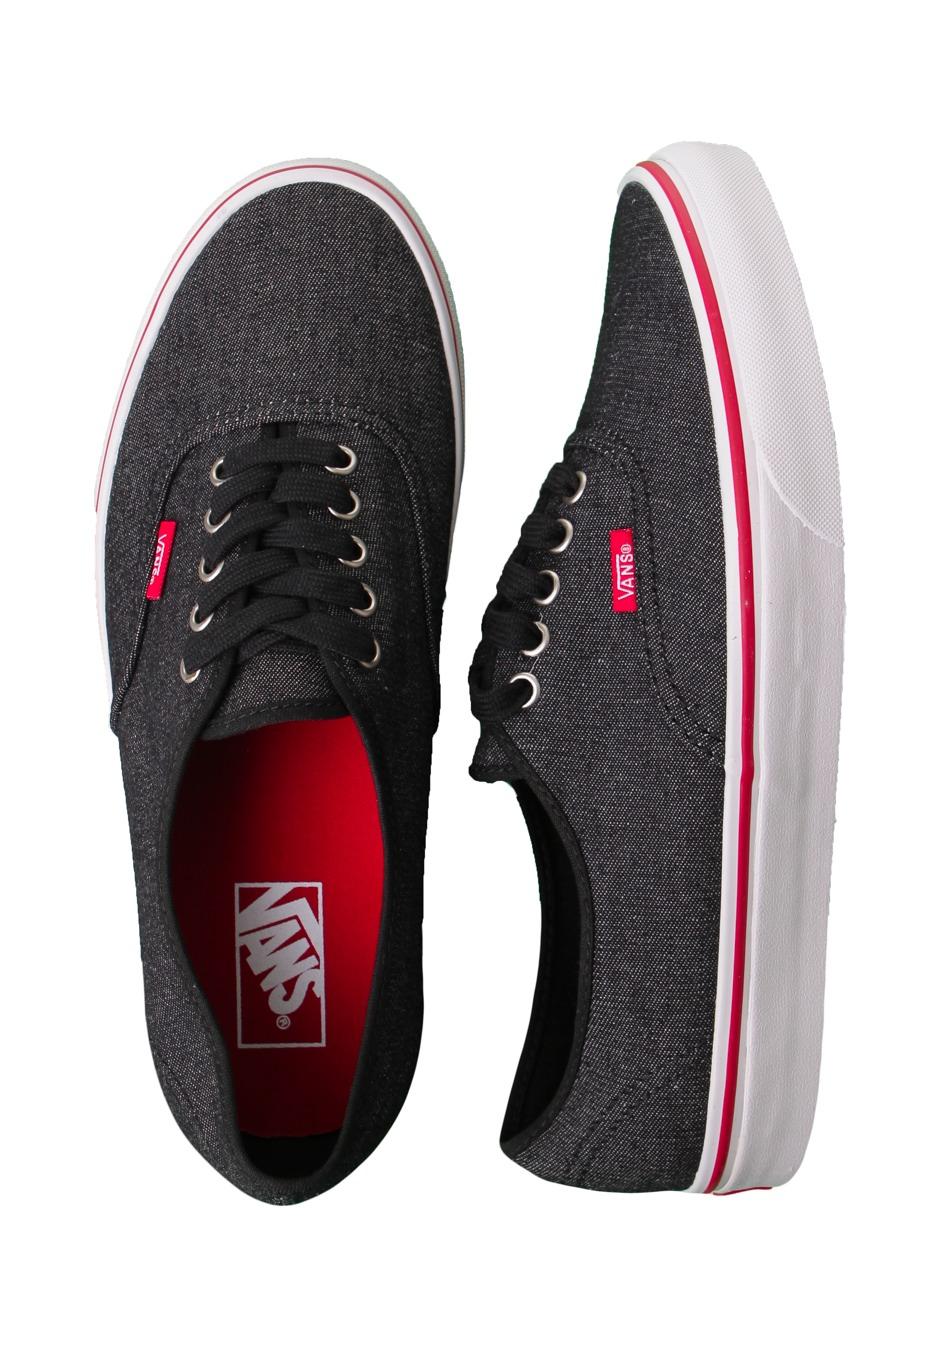 Vans - Authentic Denim Black True White - Shoes - Impericon.com UK 4428a2418